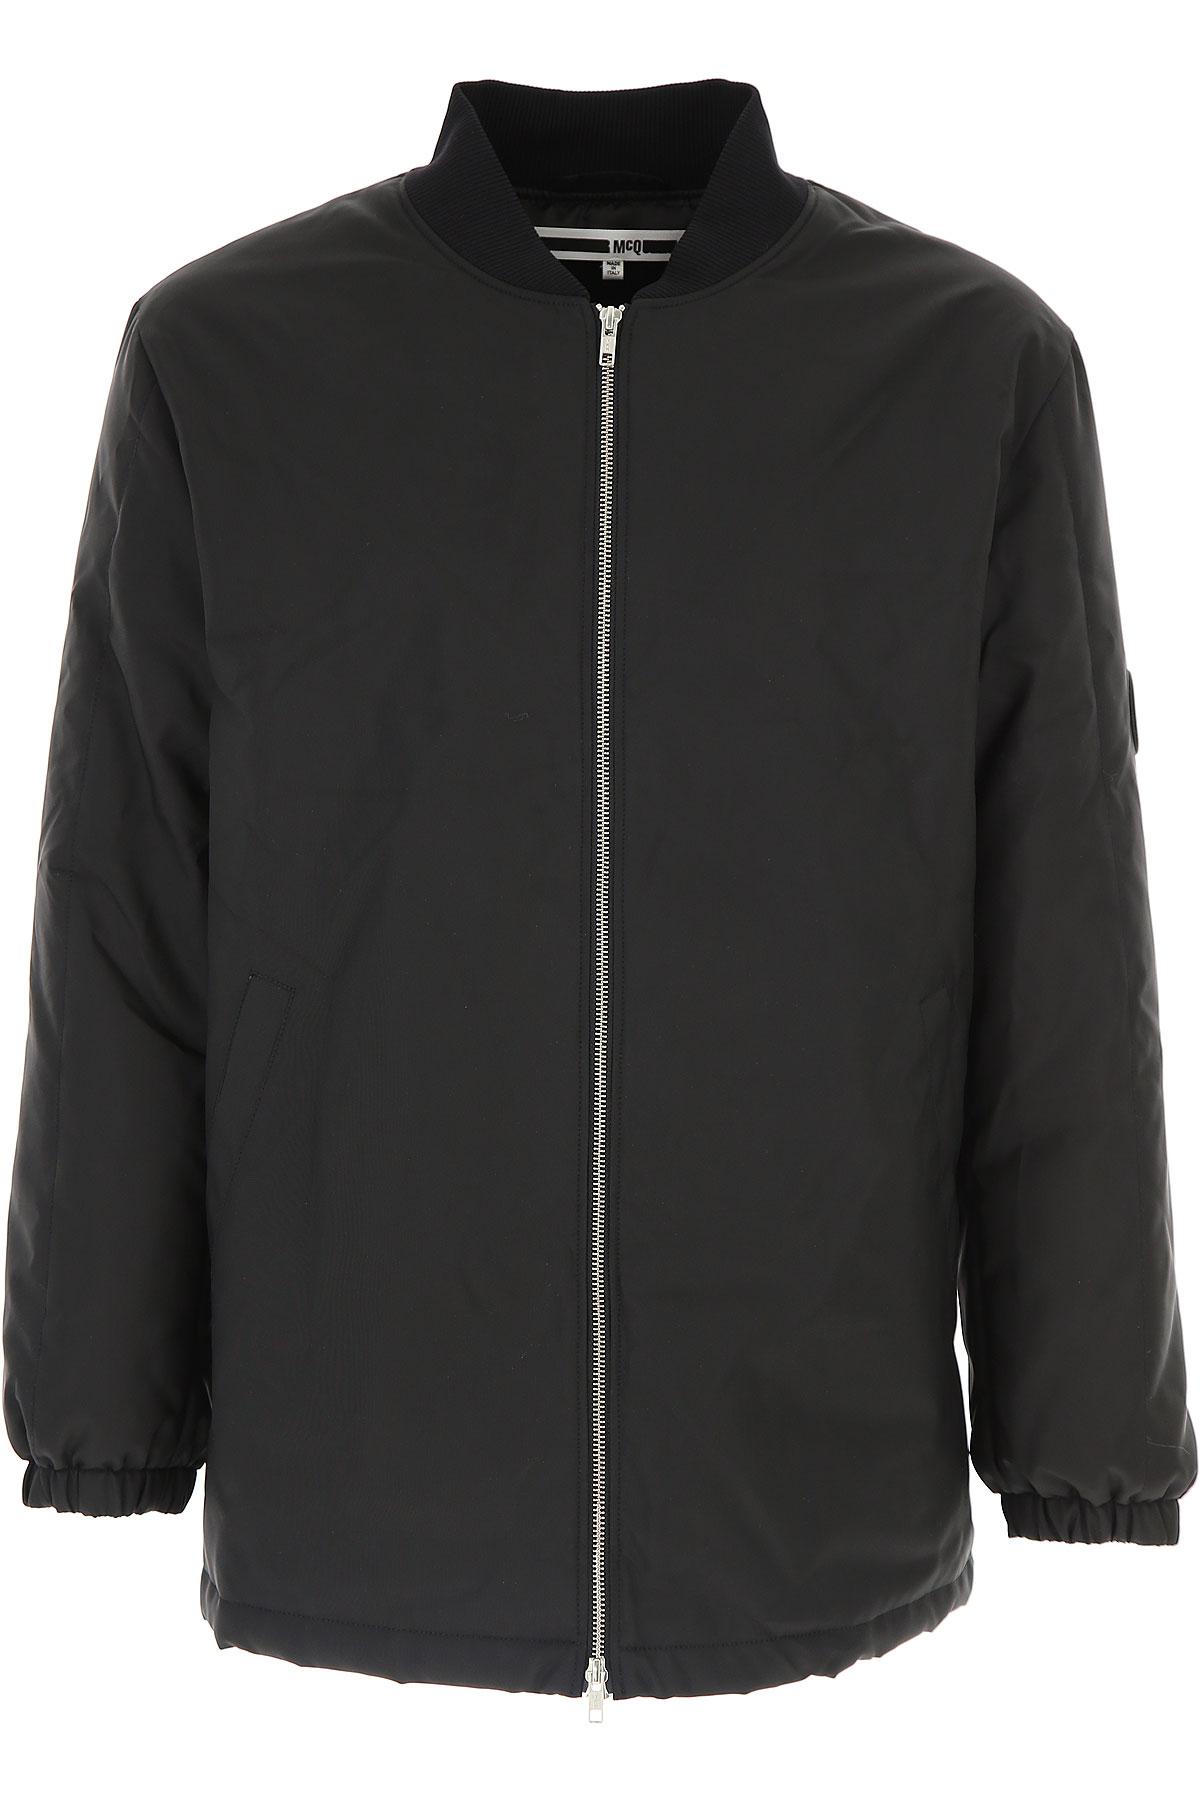 Image of Alexander McQueen McQ Down Jacket for Men, Puffer Ski Jacket On Sale, Black, polyamide, 2017, 1 - Uk/Usa S - Ita 46 2 - Uk/Usa M - Ita 48 3 - Uk/Usa L - Ita 50